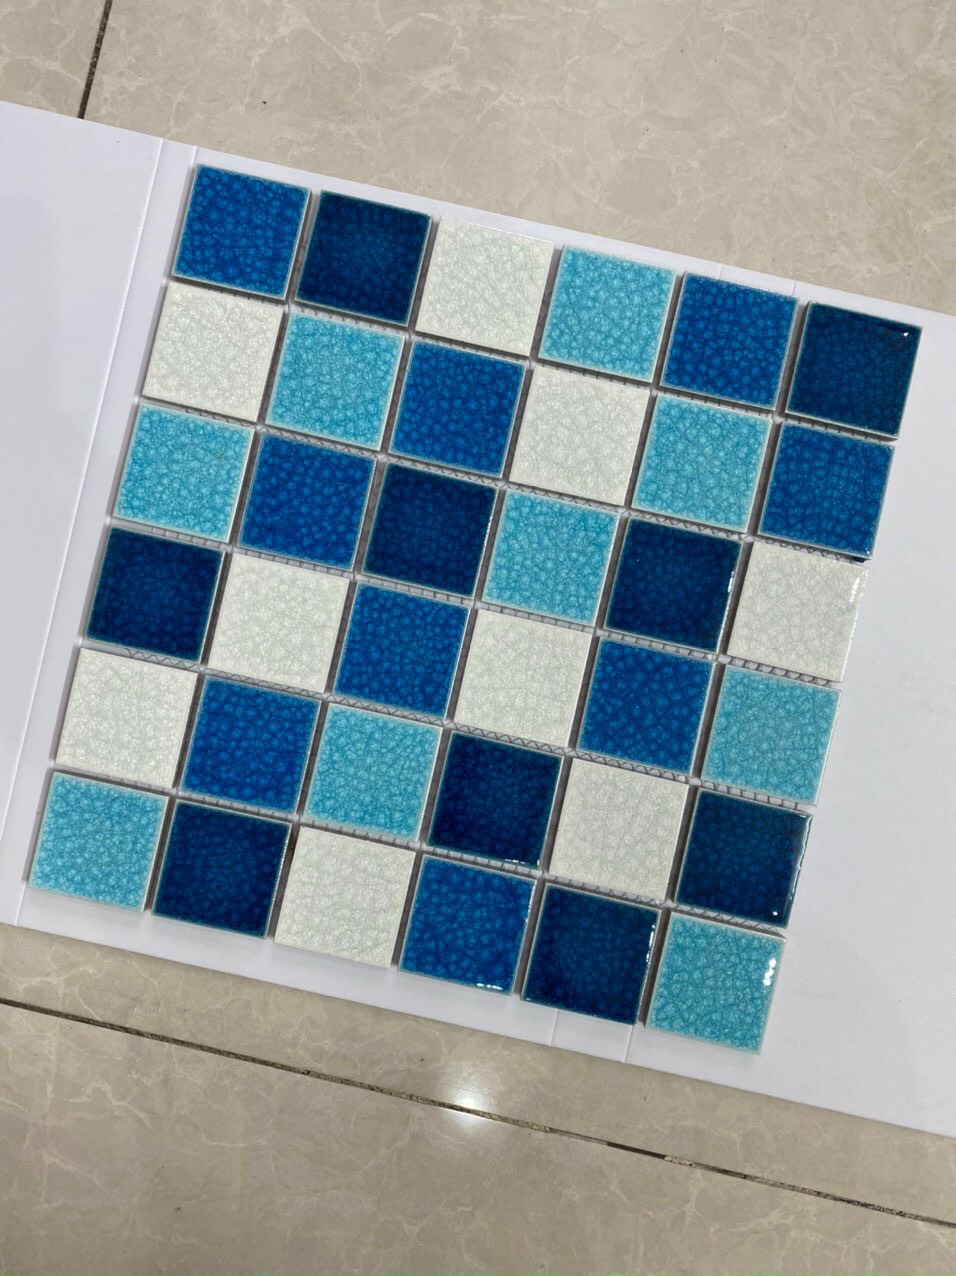 mosaic gom 005